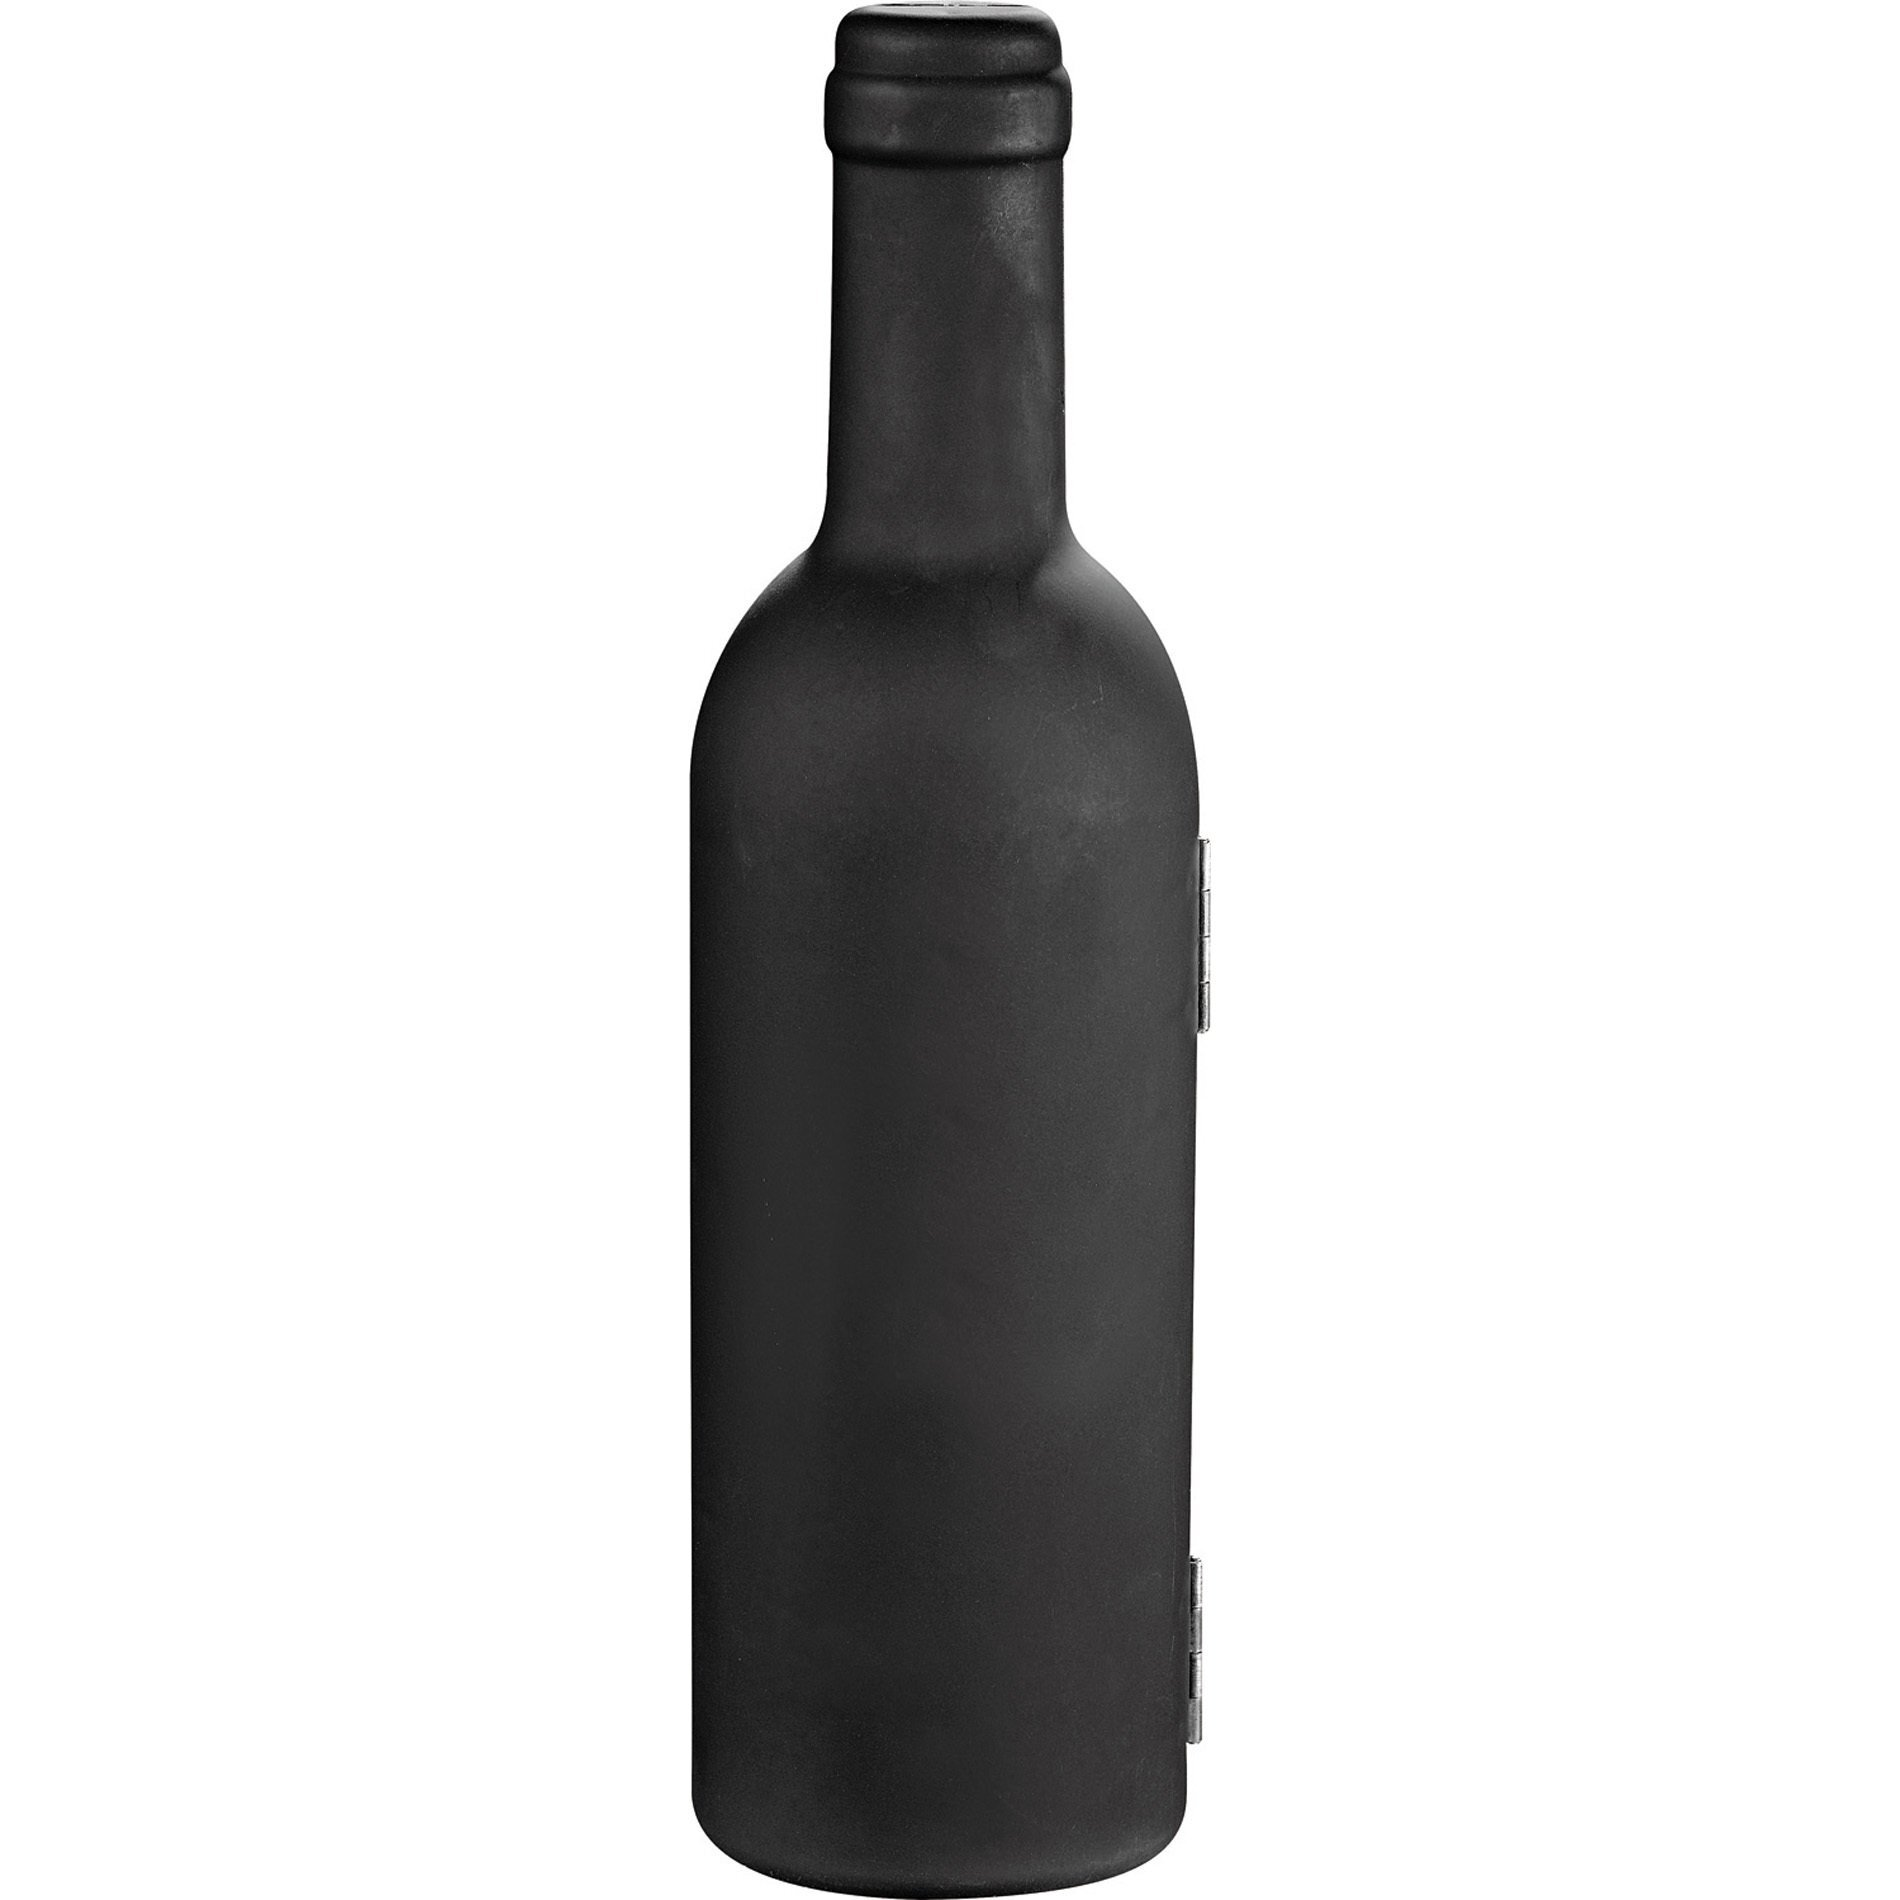 Grigio 4-Piece Wine Bottle Set